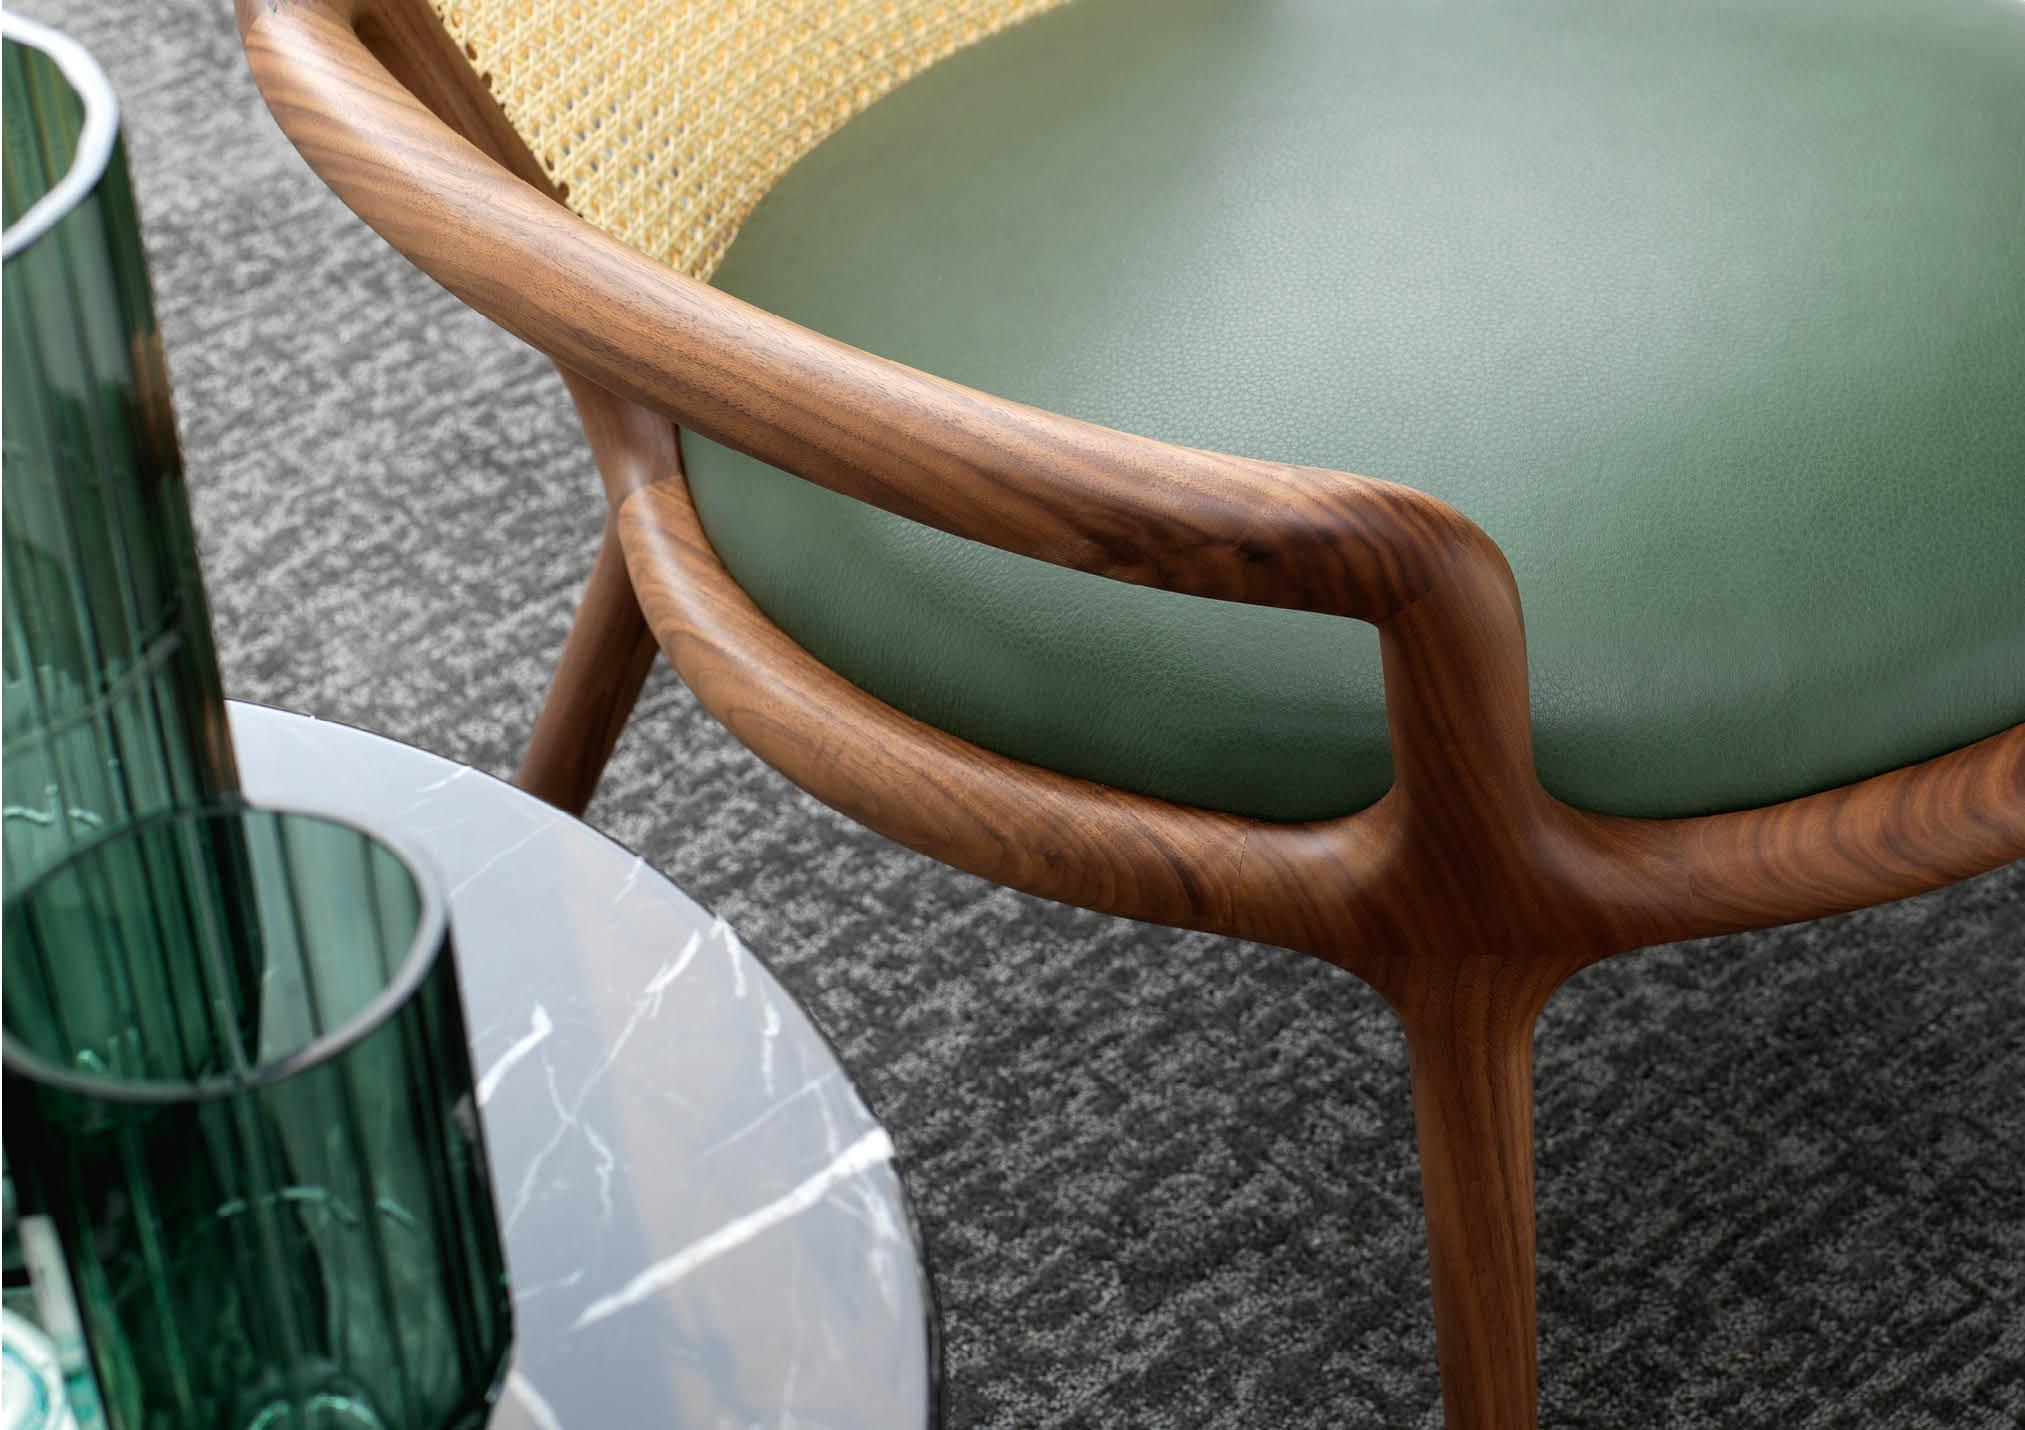 Dettaglio della seduta della poltrona Patti